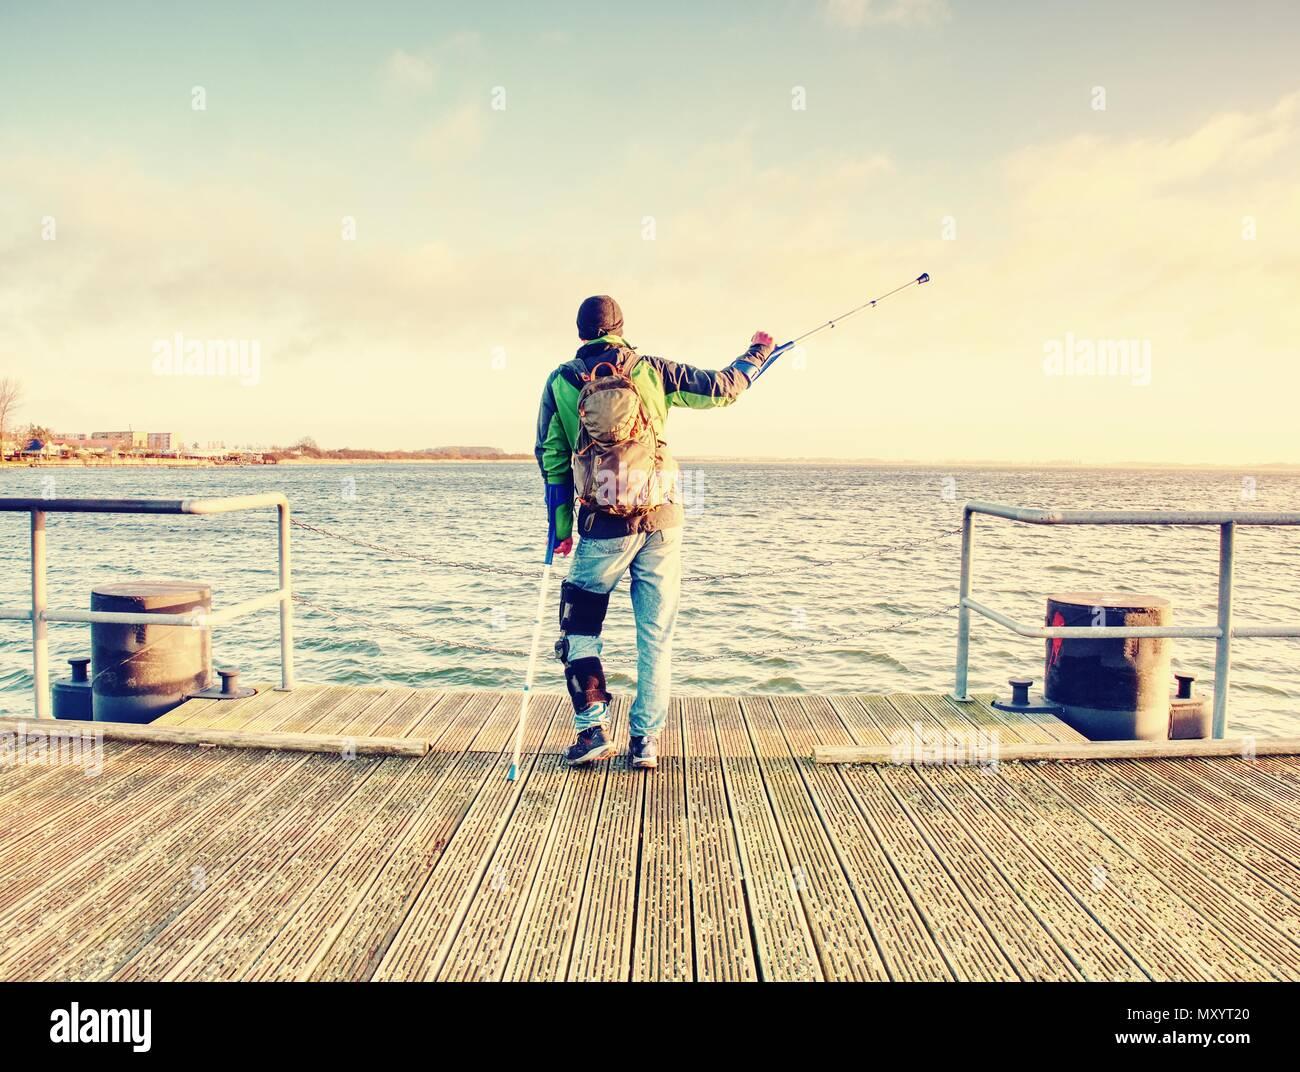 Wanderer mit Medizin Krücke und Bein in wegfahrsperre Spaziergang auf Wharf Pier fest. Man hat feste gebrochenes Bein in Gips. Happy deaktiviert man am Strand spazieren. Len Stockbild